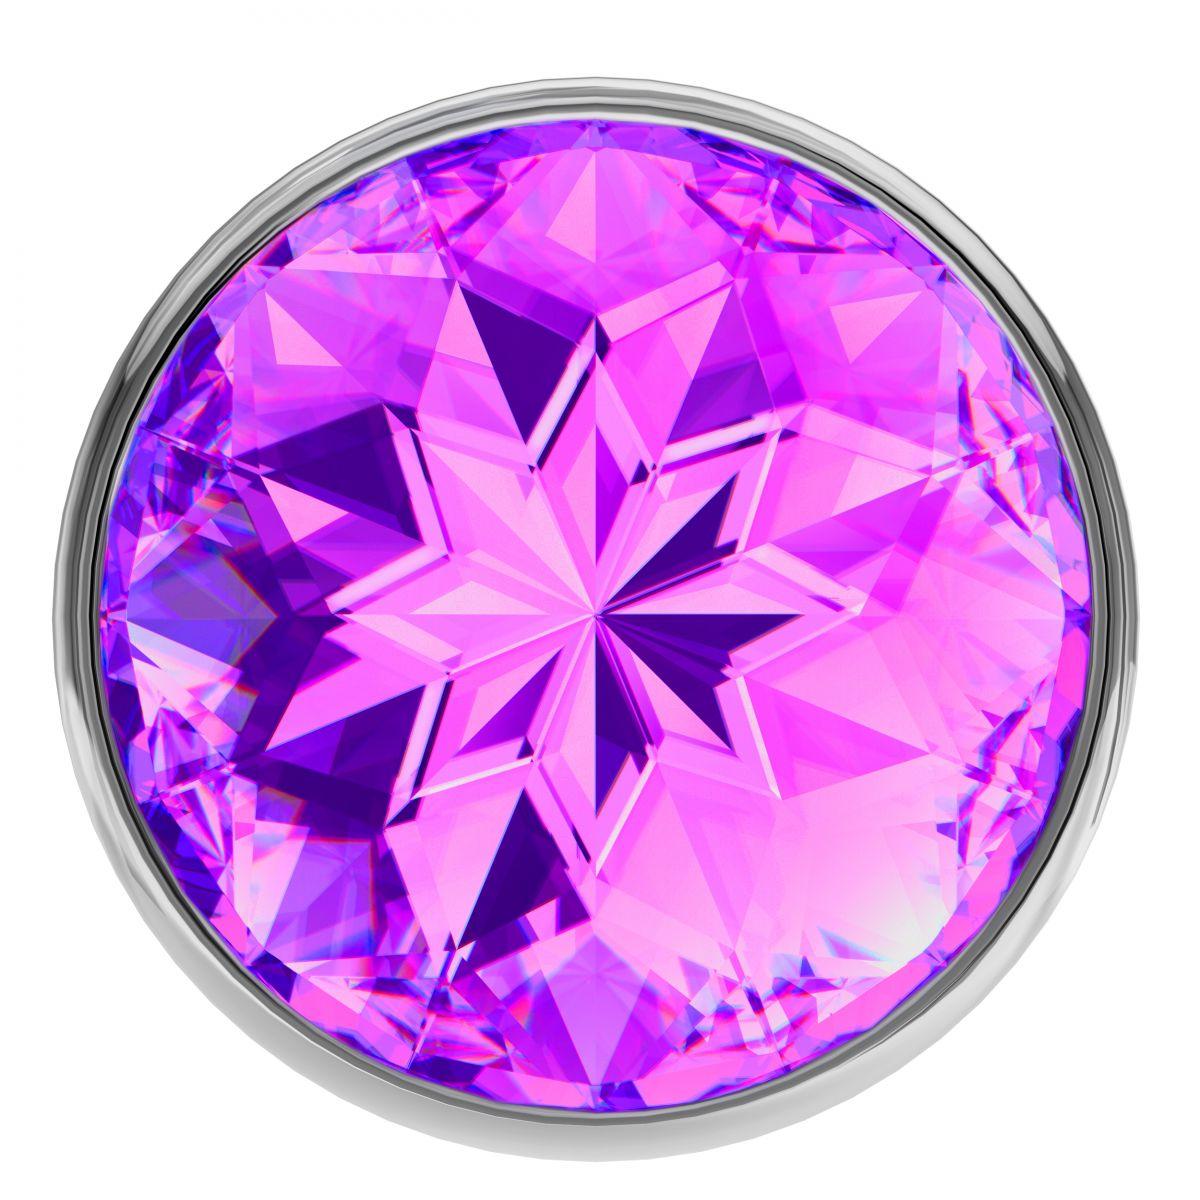 Большая серебристая анальная пробка Diamond Purple Sparkle Large с фиолетовым кристаллом - 8 см.